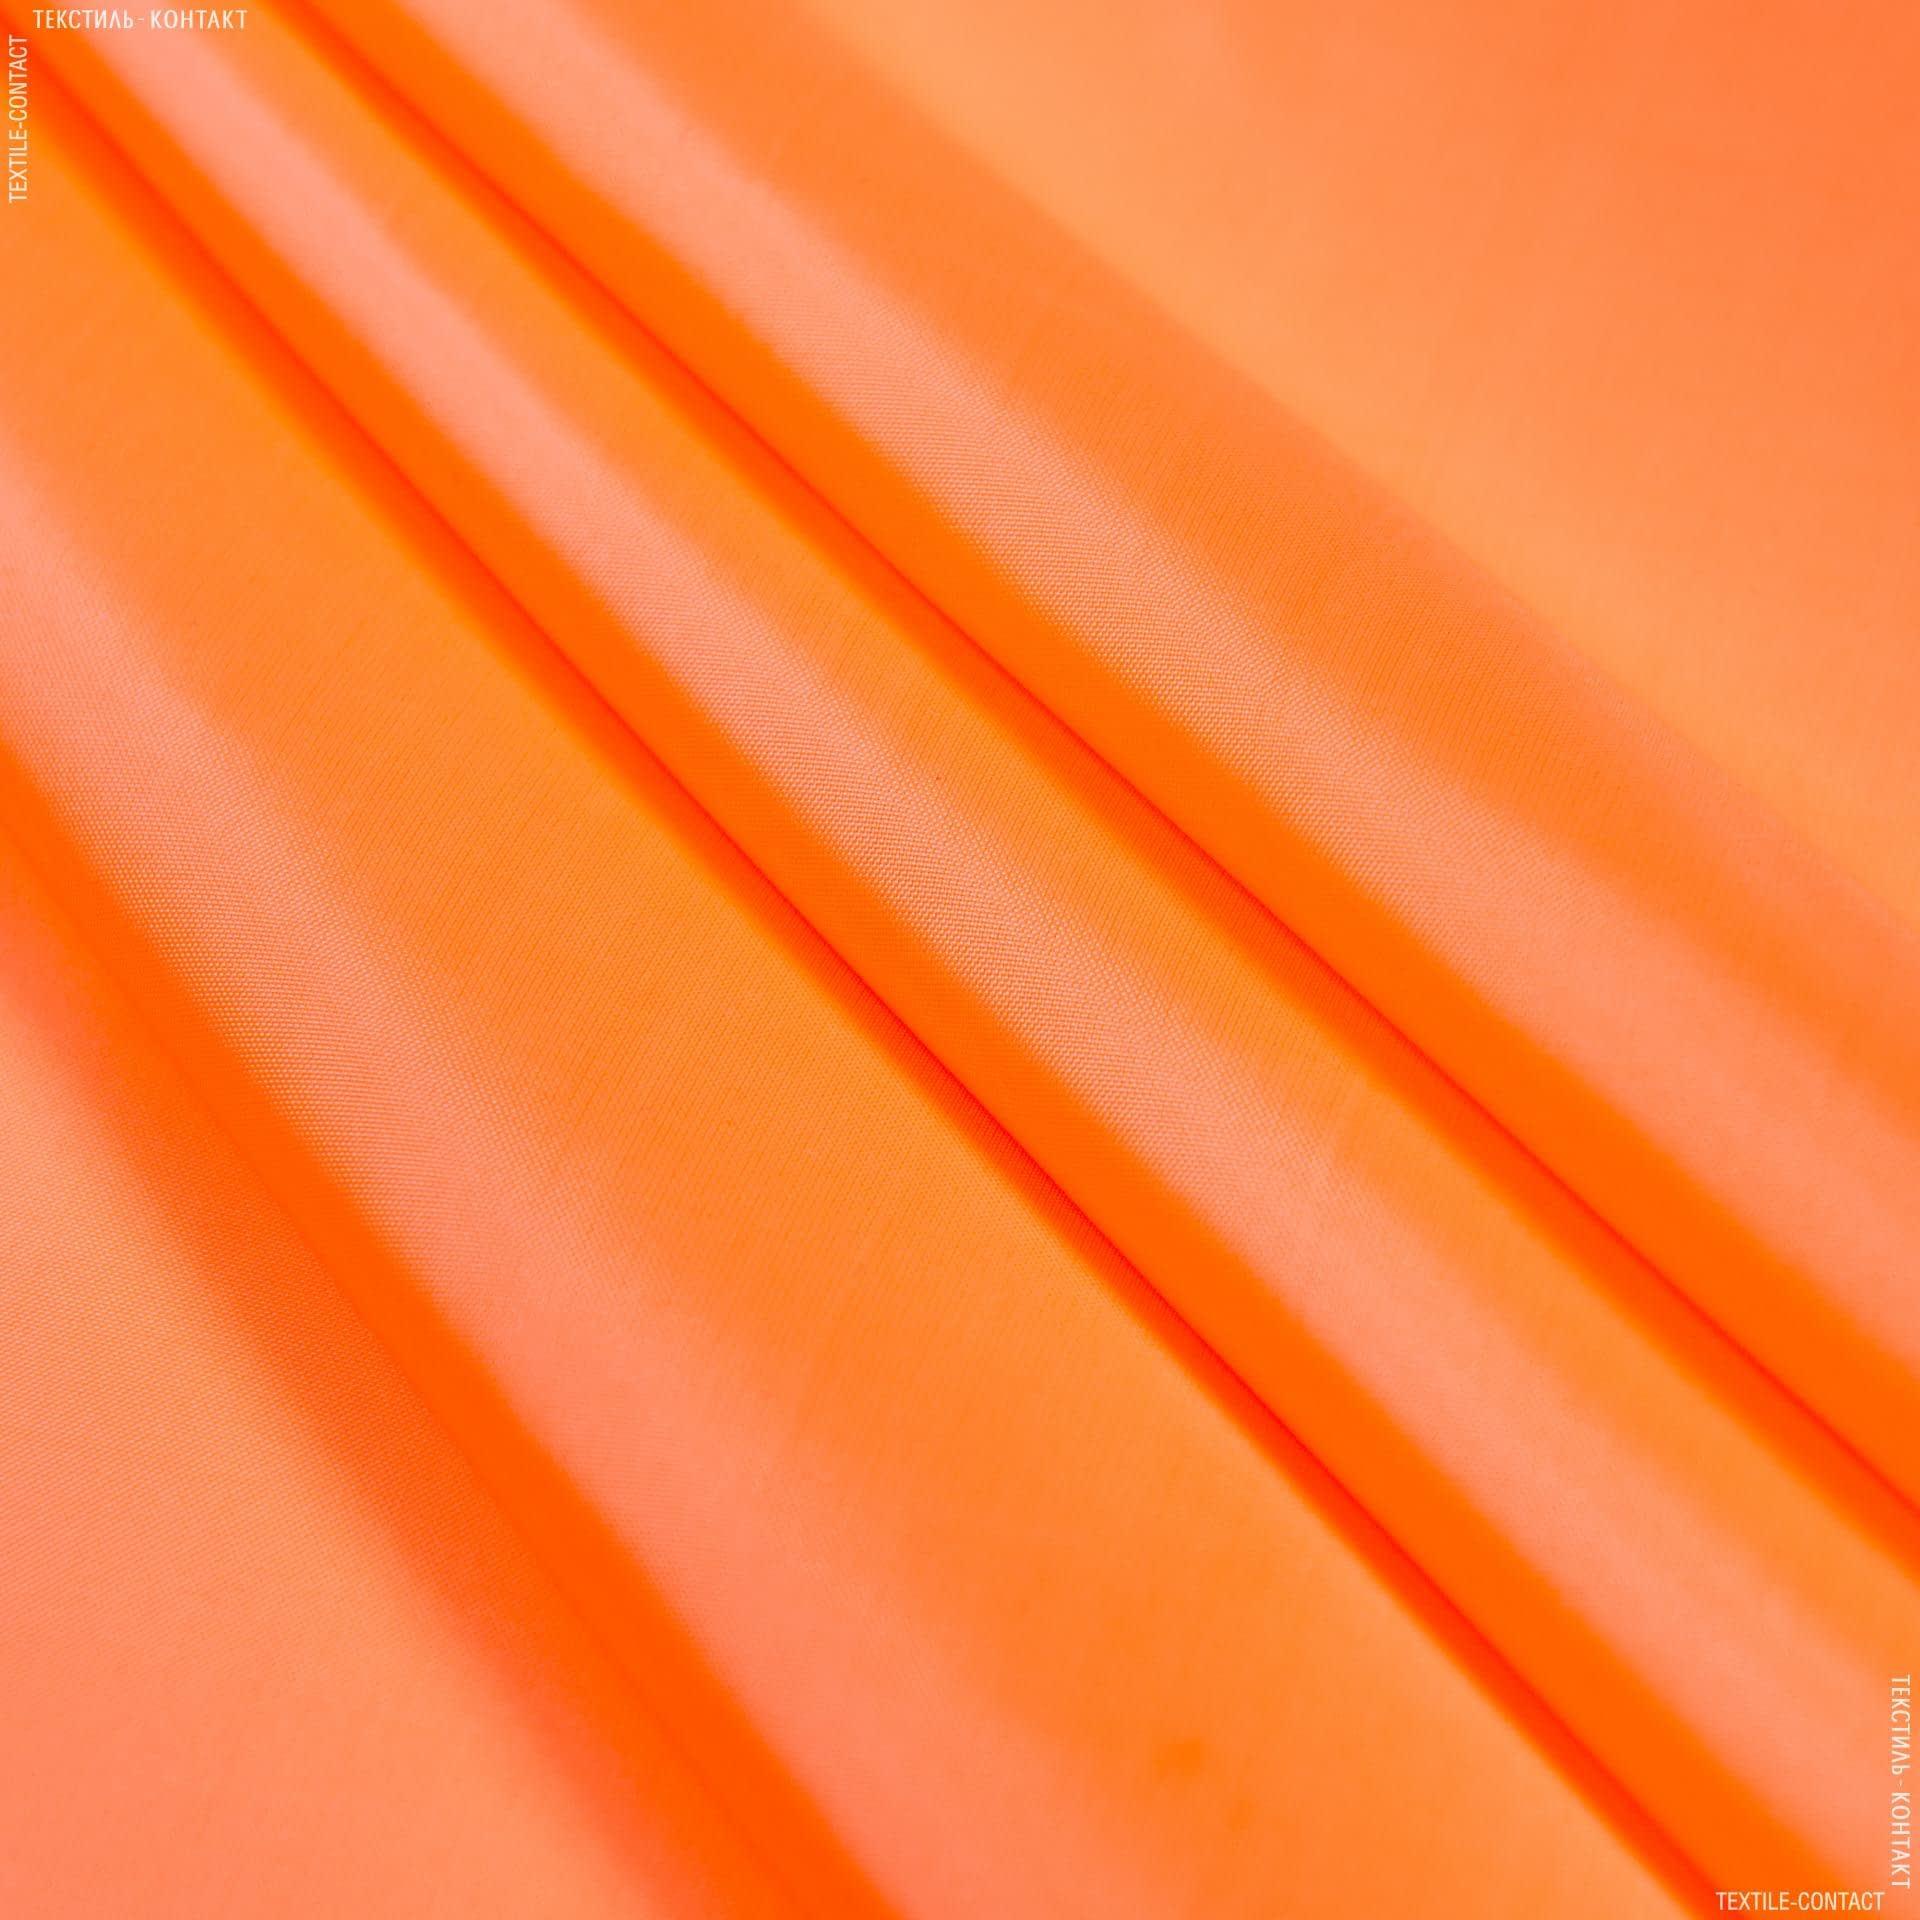 Ткани подкладочная ткань - Подкладка 190 оранжевый